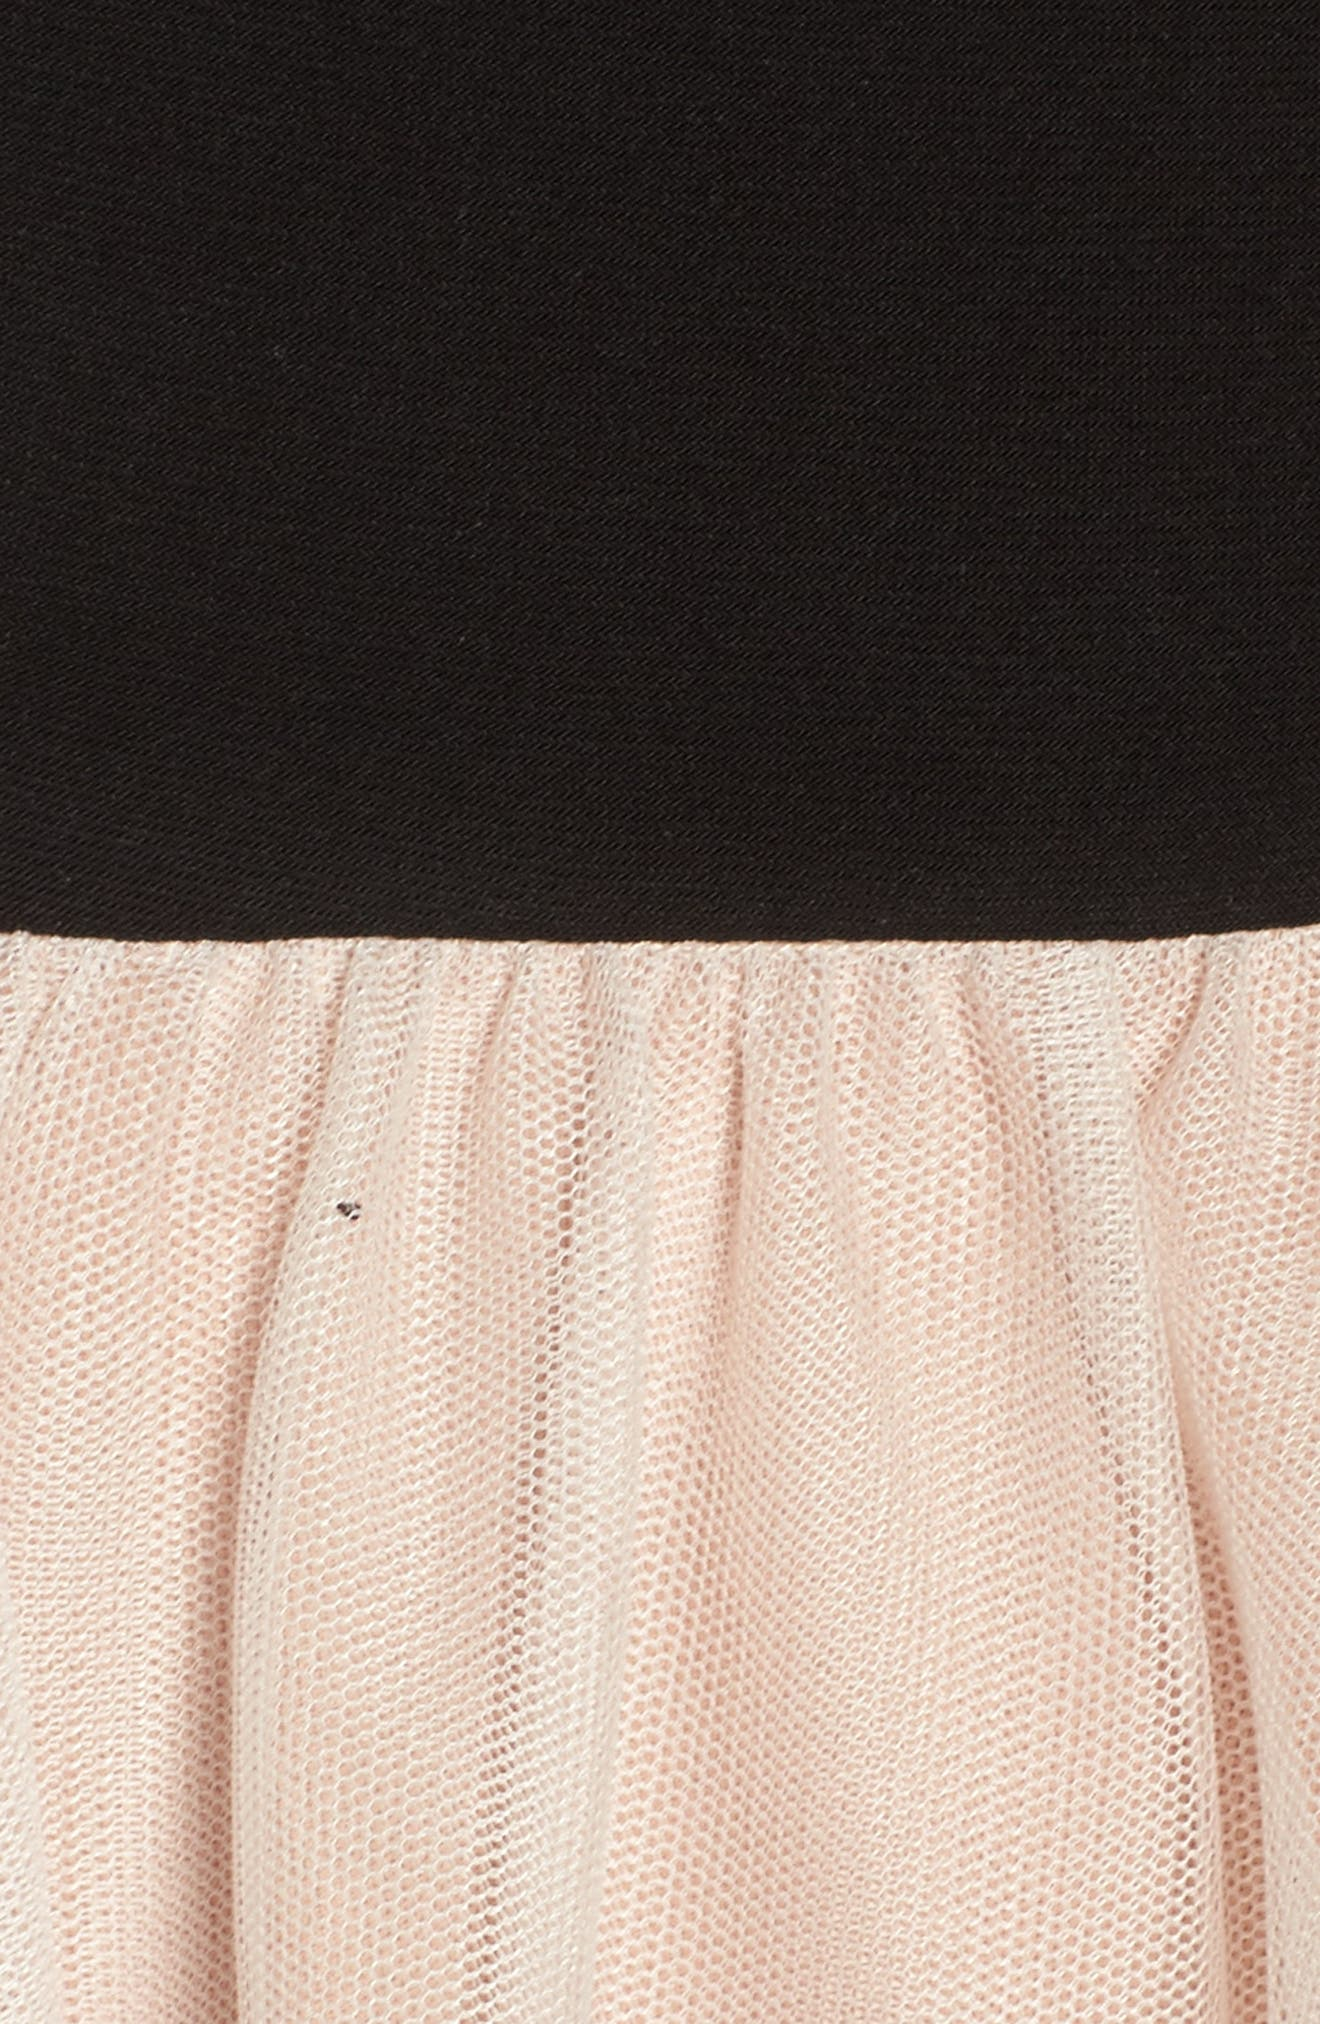 Appliqué Fit & Flare Dress,                             Alternate thumbnail 5, color,                             296